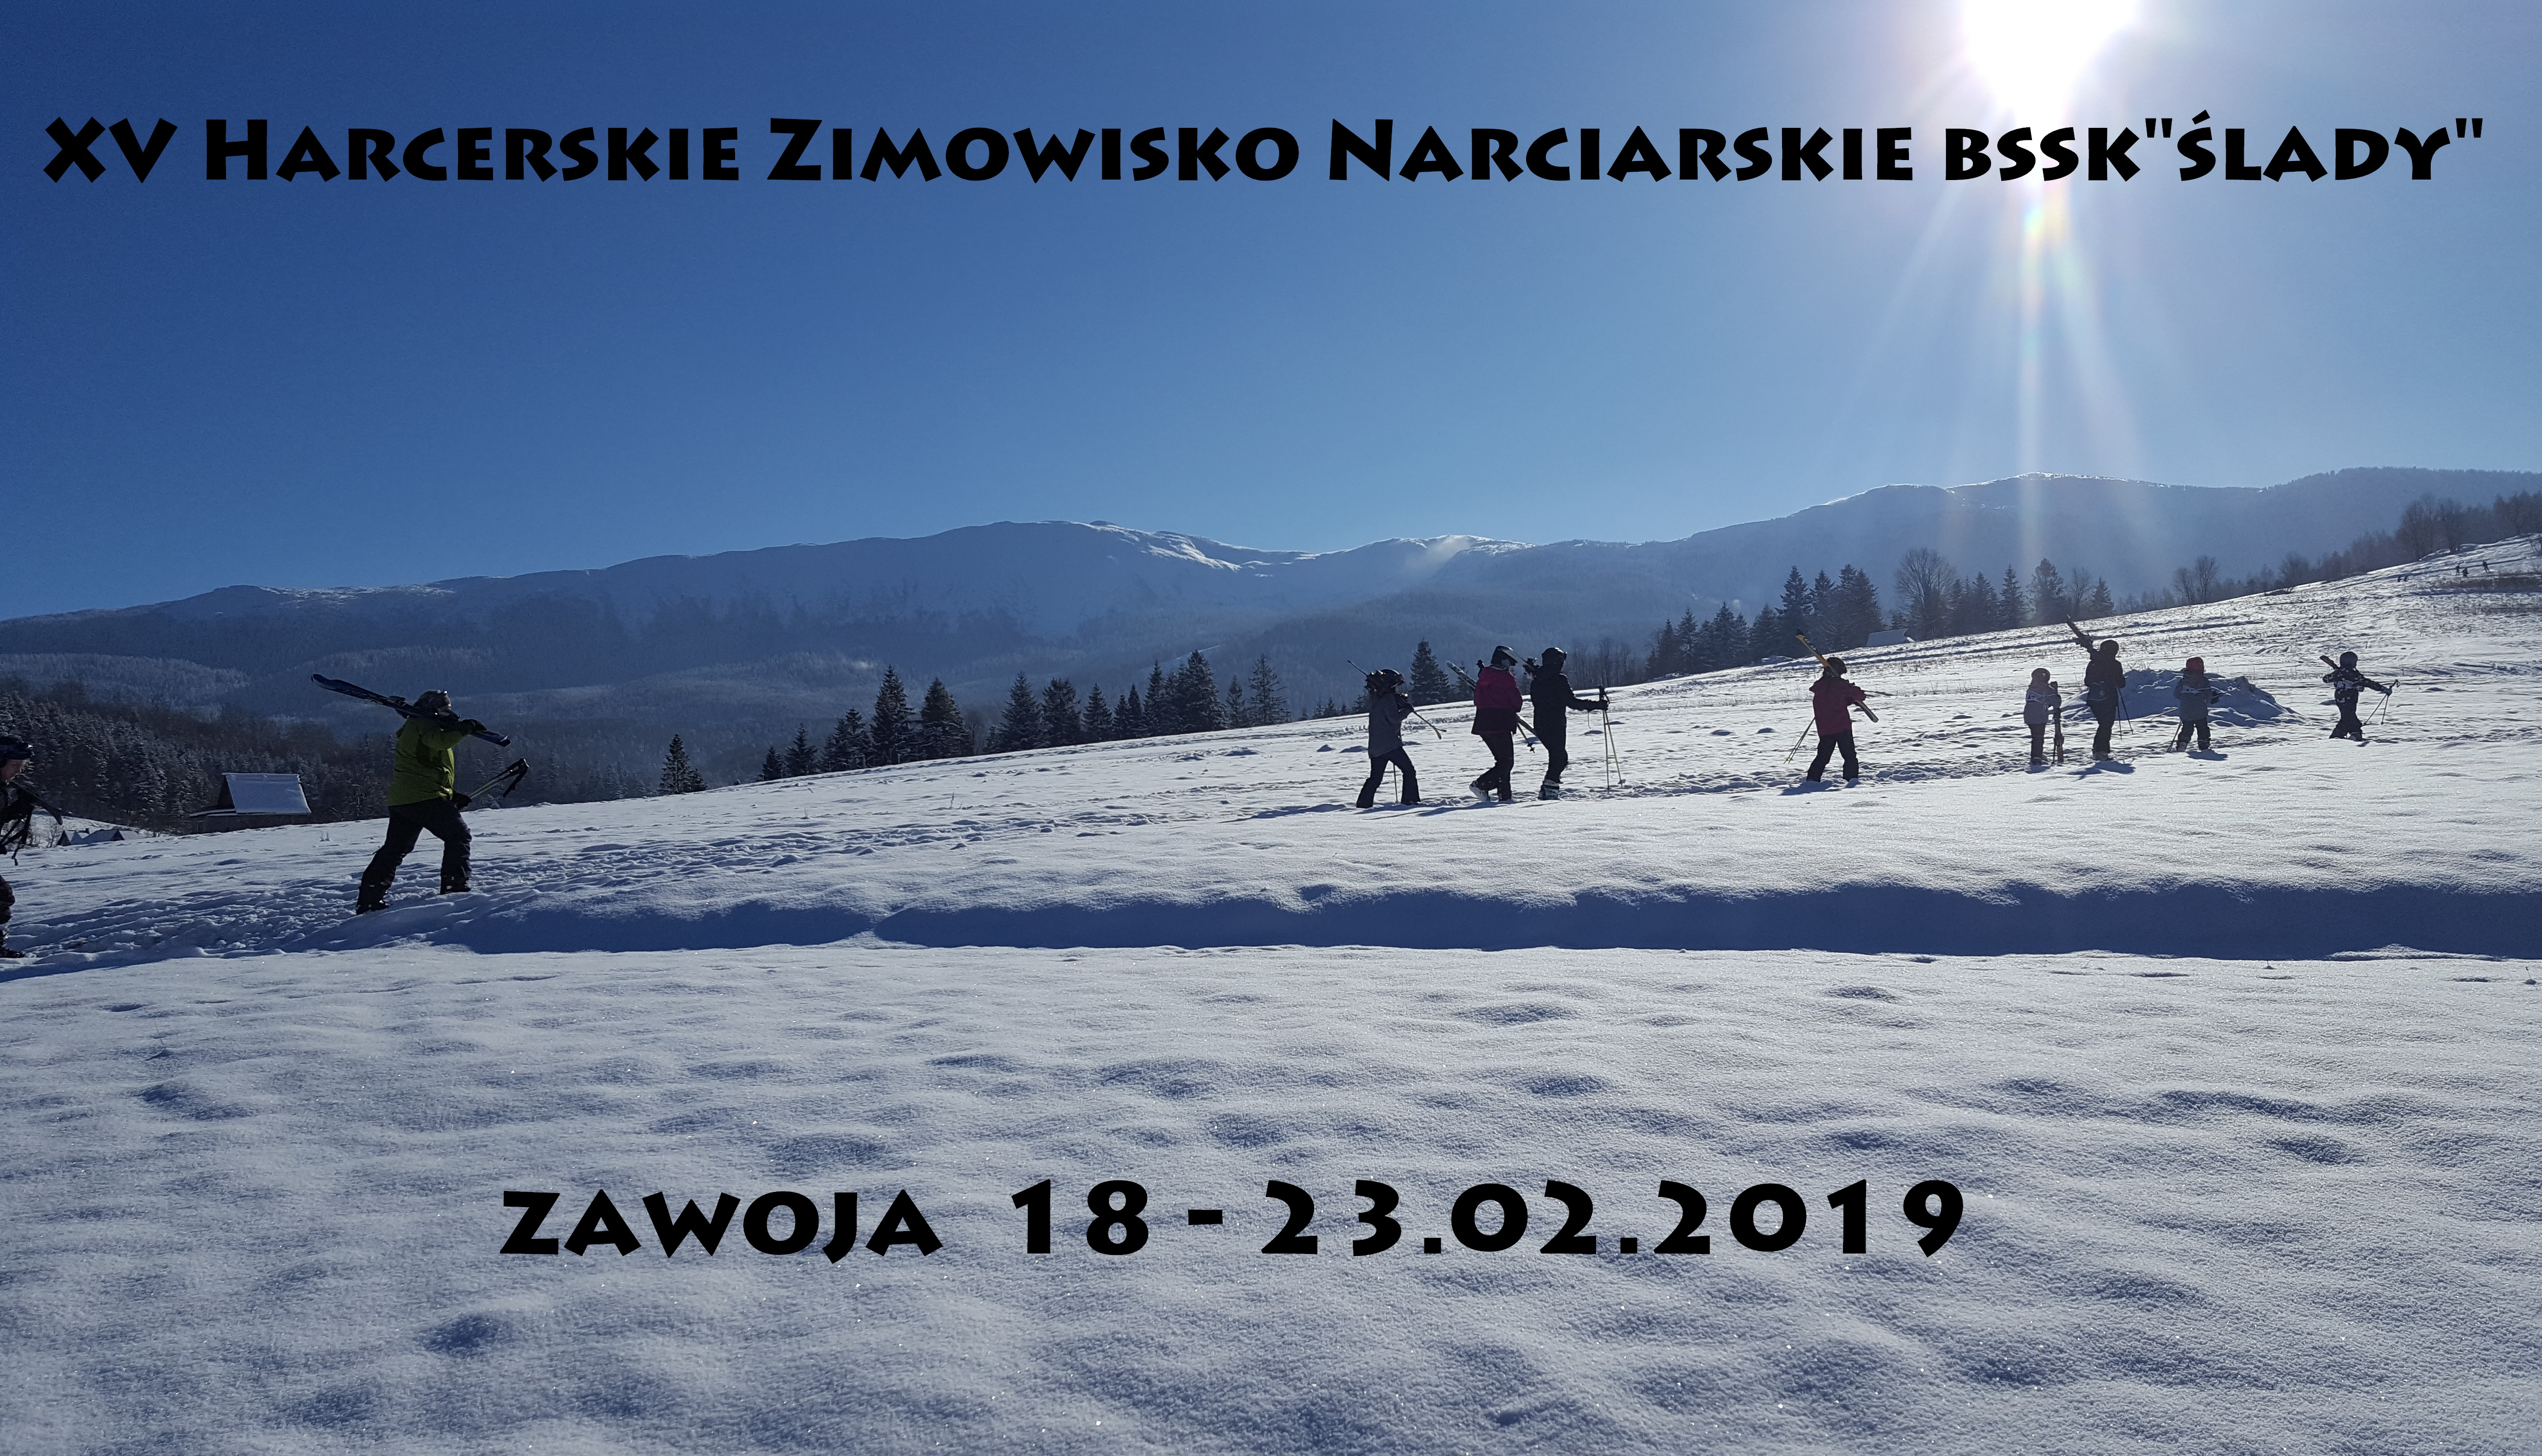 """XV Harcerskie Zimowisko Narciarskie BSSK """"Ślady"""""""